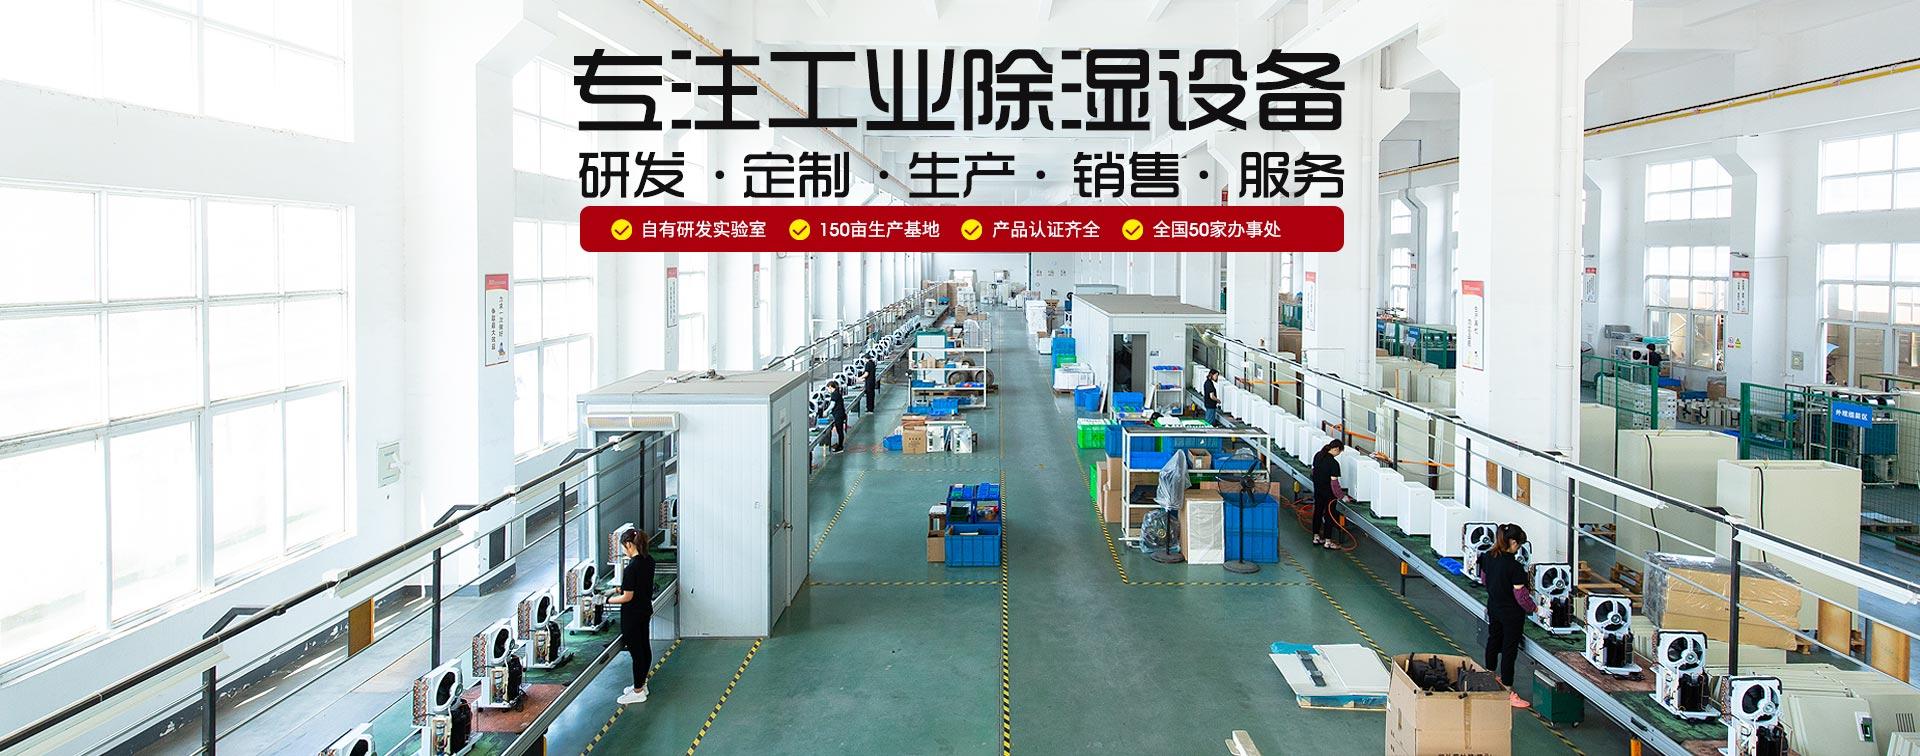 川岛--专注工业除湿设备研发/定制/生产/销售/服务